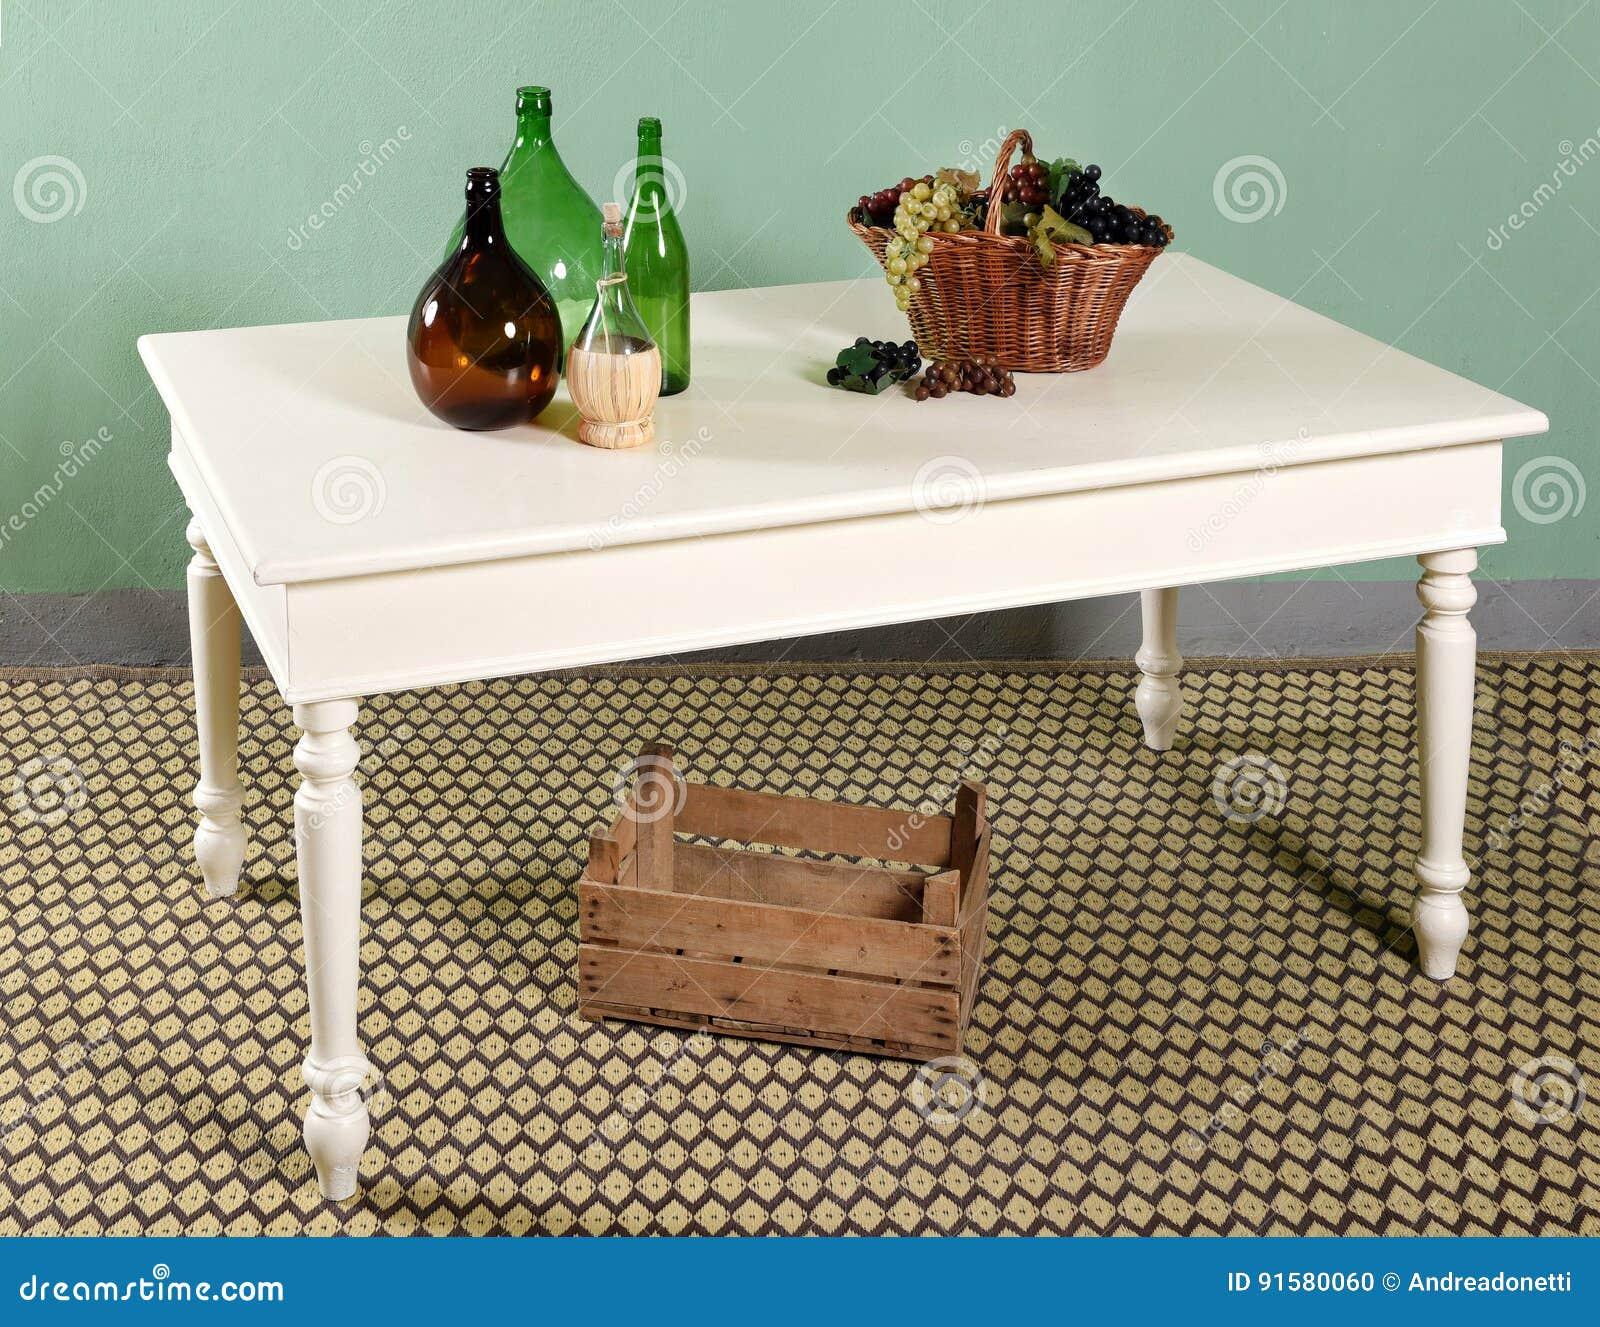 Composizione Bianca Nella Decorazione Del Tavolo Da Cucina Fotografia Stock Immagine Di Tabella Legno 91580060